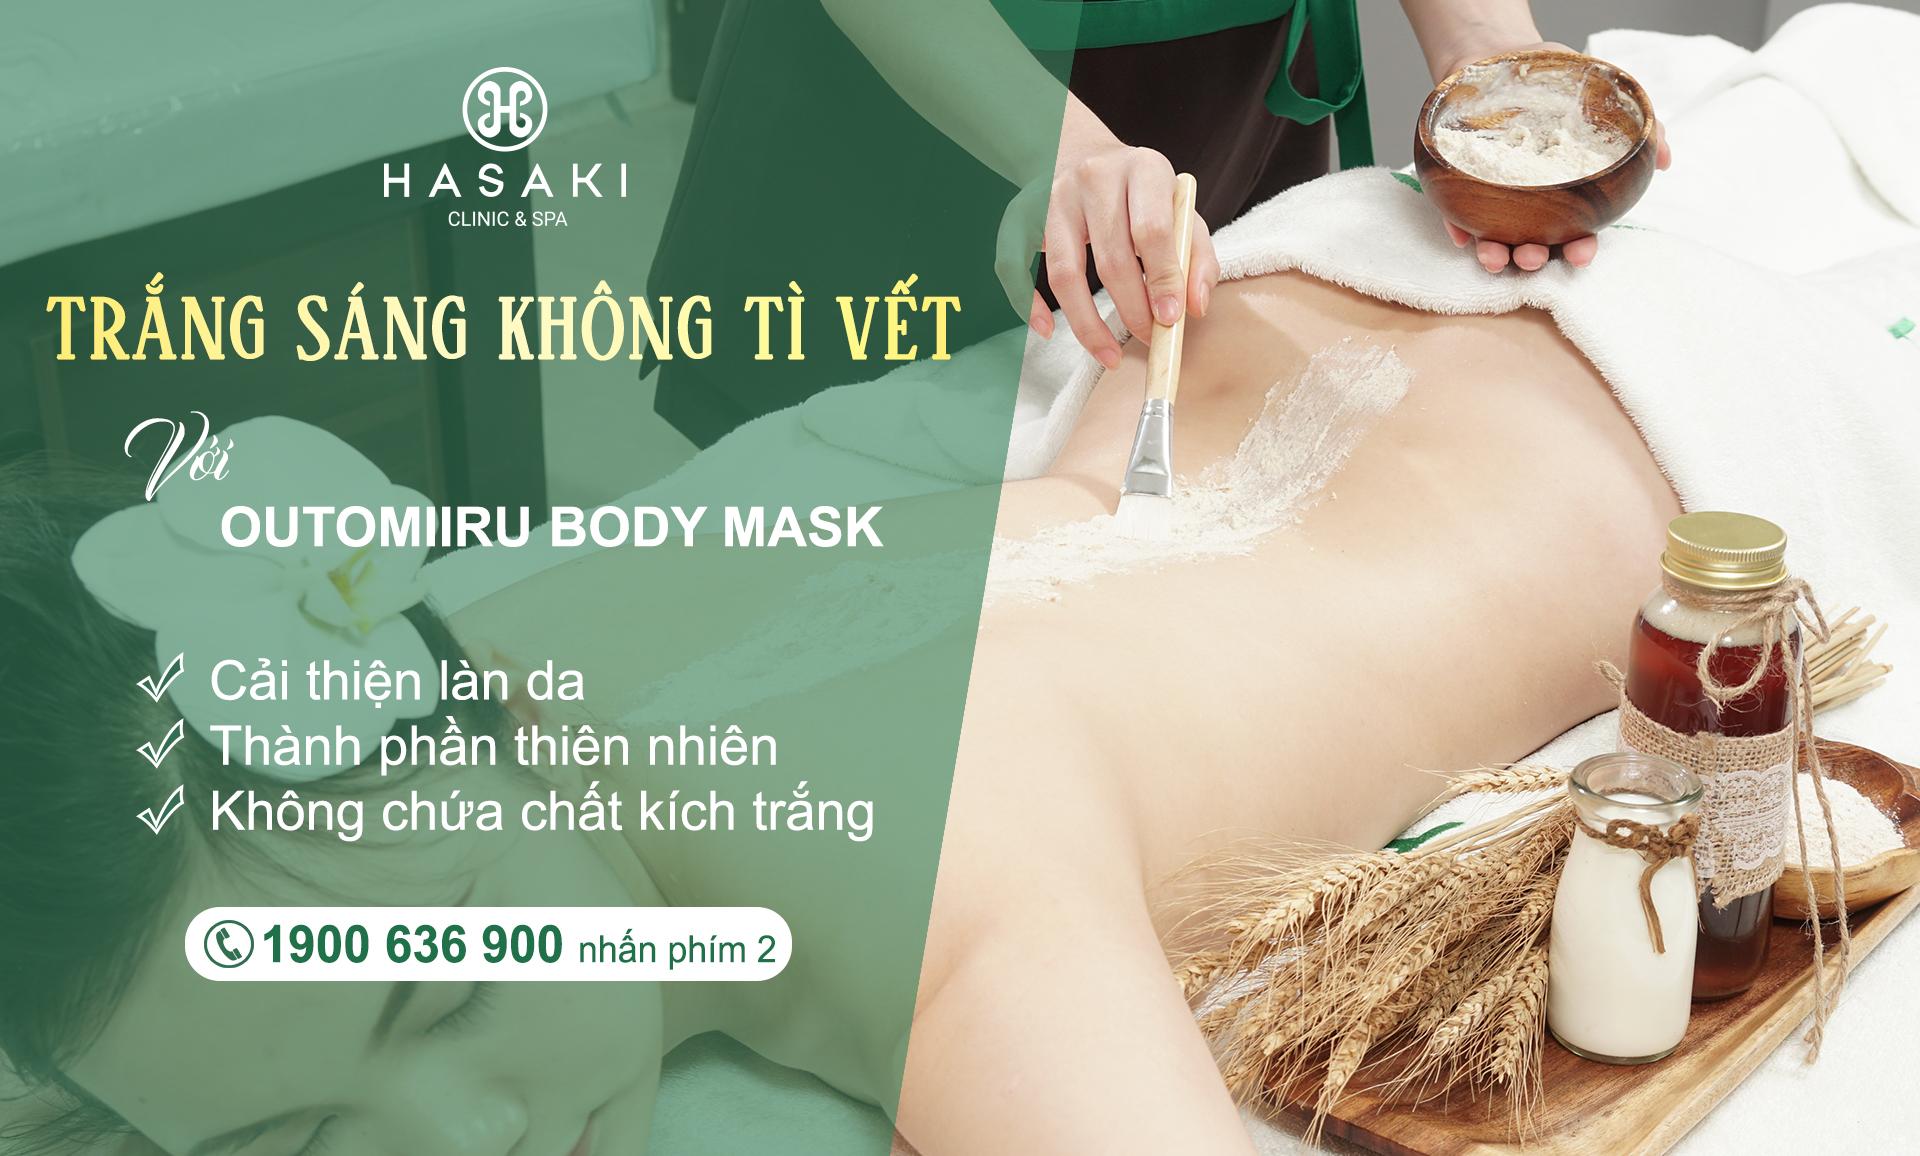 Ủ dưỡng toàn thân với Outomiiru Body Mask